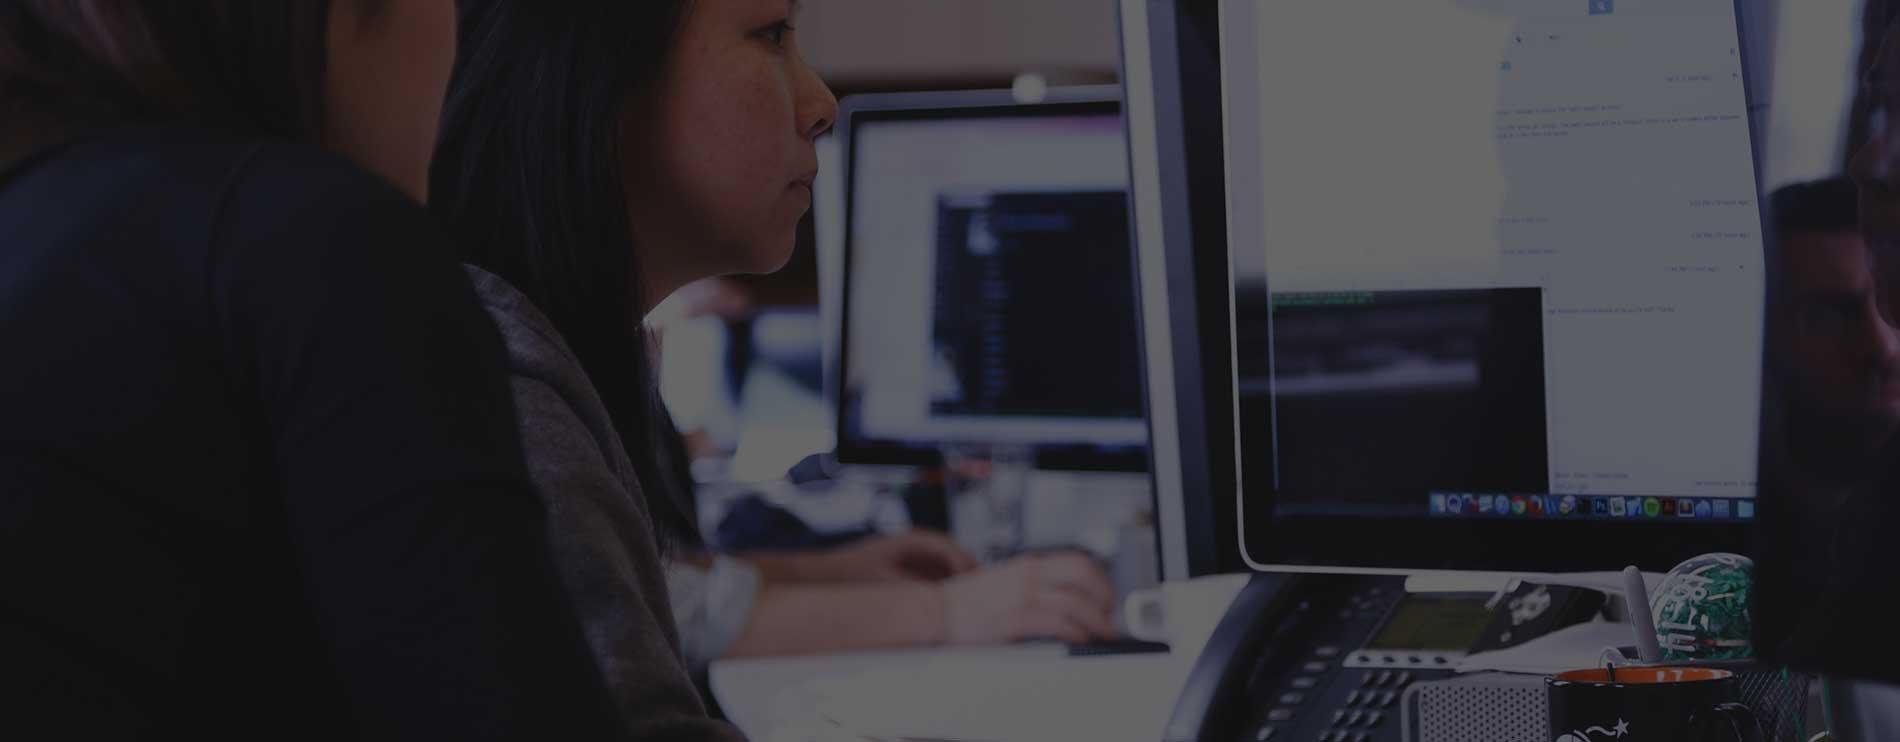 Virtueller Mitarbeiter Indien